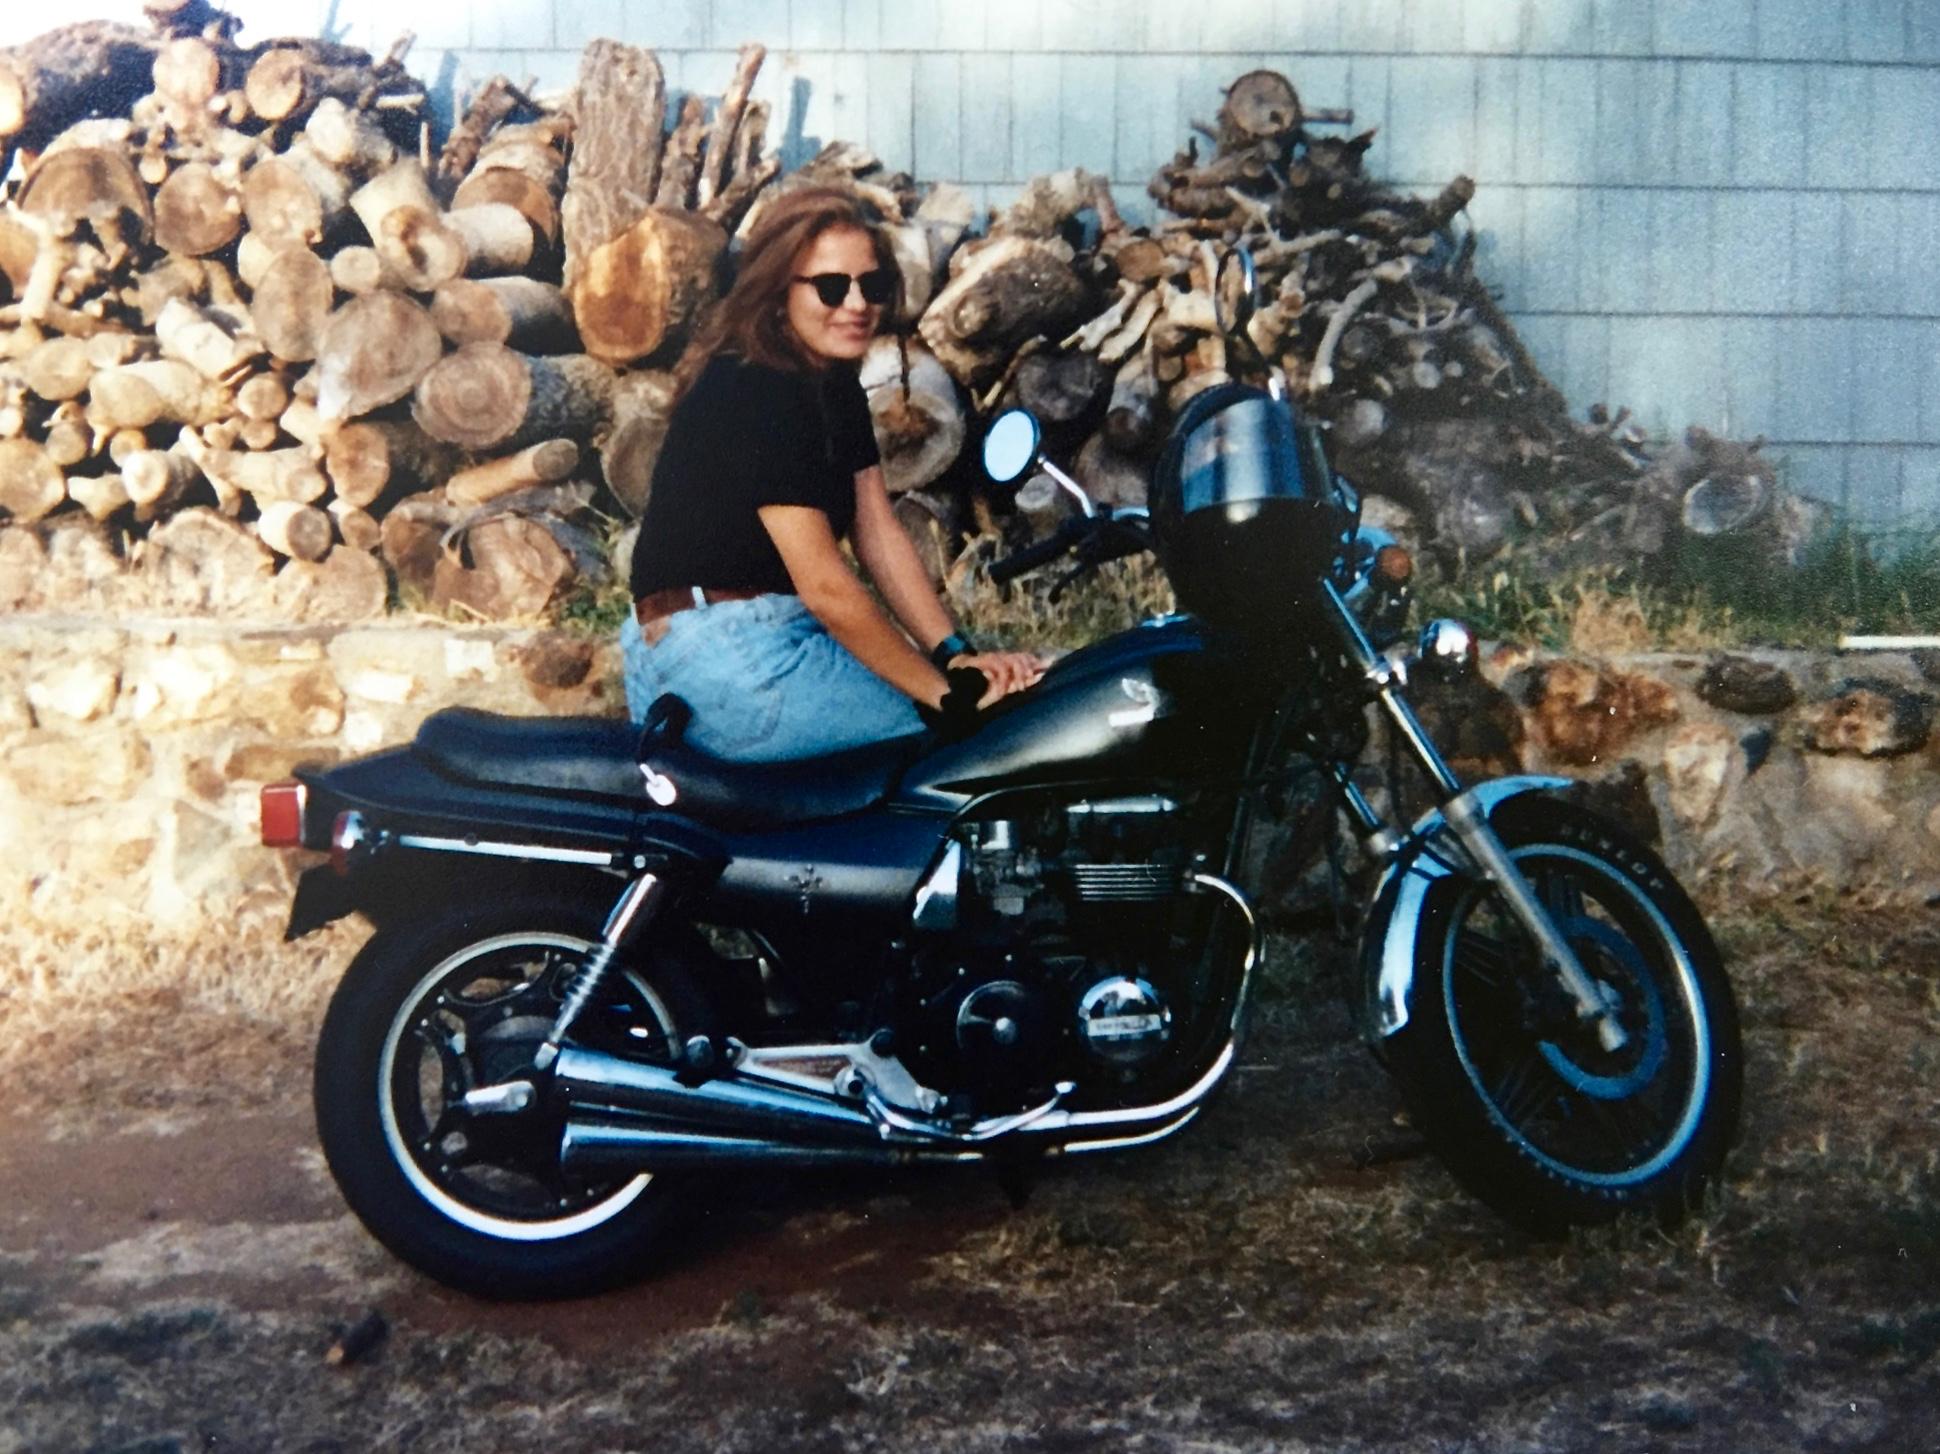 nainen moottoripyörän selässä